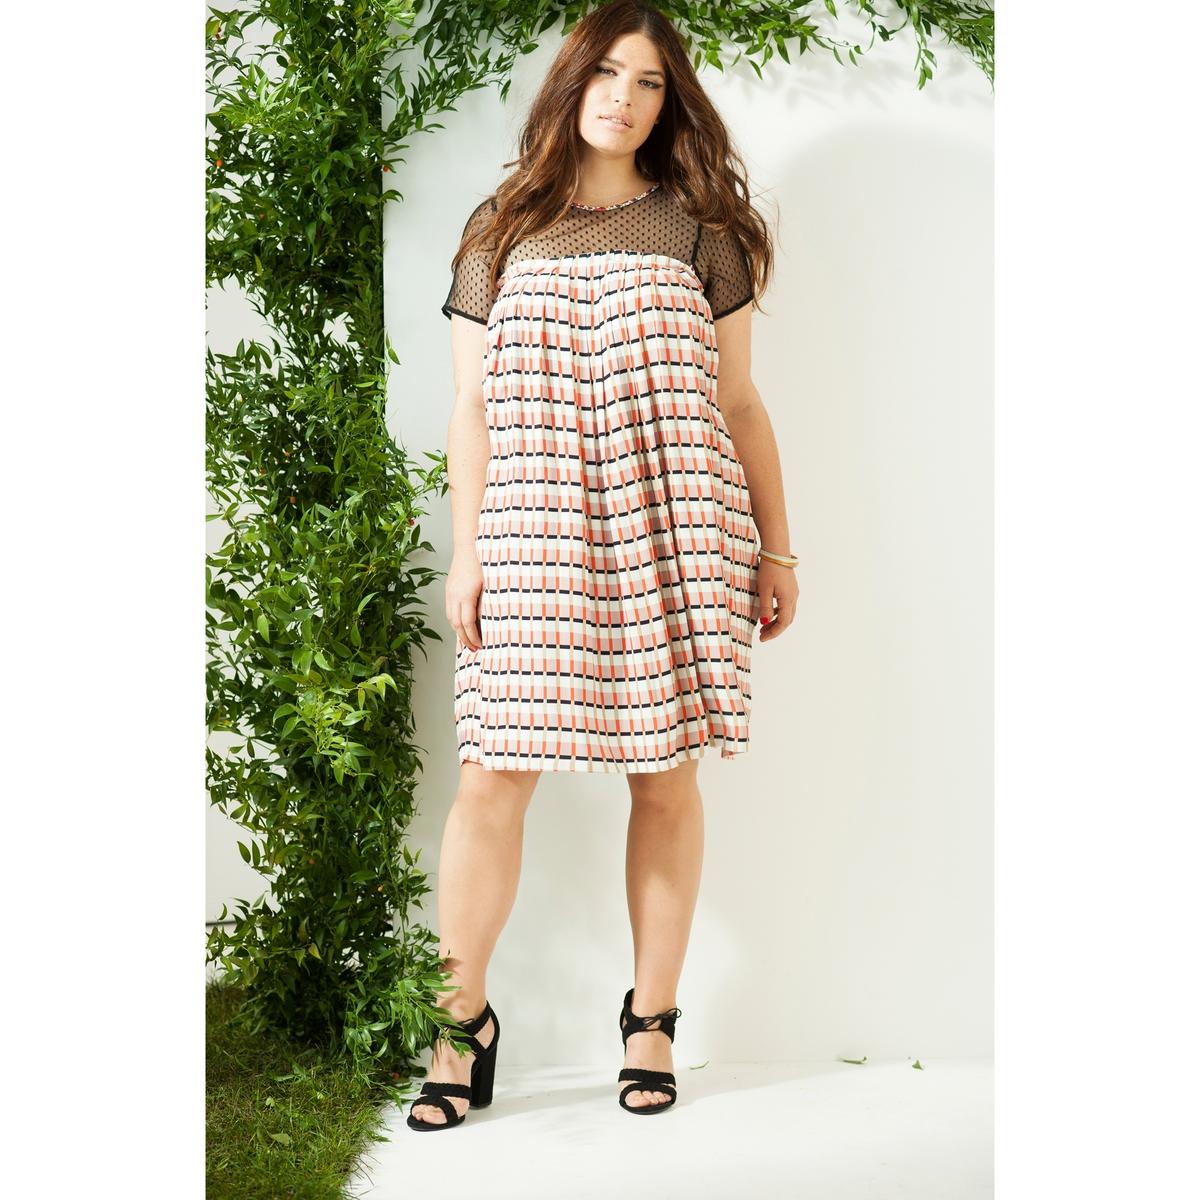 Платье расклешенноеРасклешенно платье в стиле бейби-долл. Коротки рукава и верхняя часть платья из сетчатого материала, складки на груди. Креп, 100% вискза. Длина 102 см.<br><br>Цвет: графичный рисунок<br>Размер: 42 (FR) - 48 (RUS)